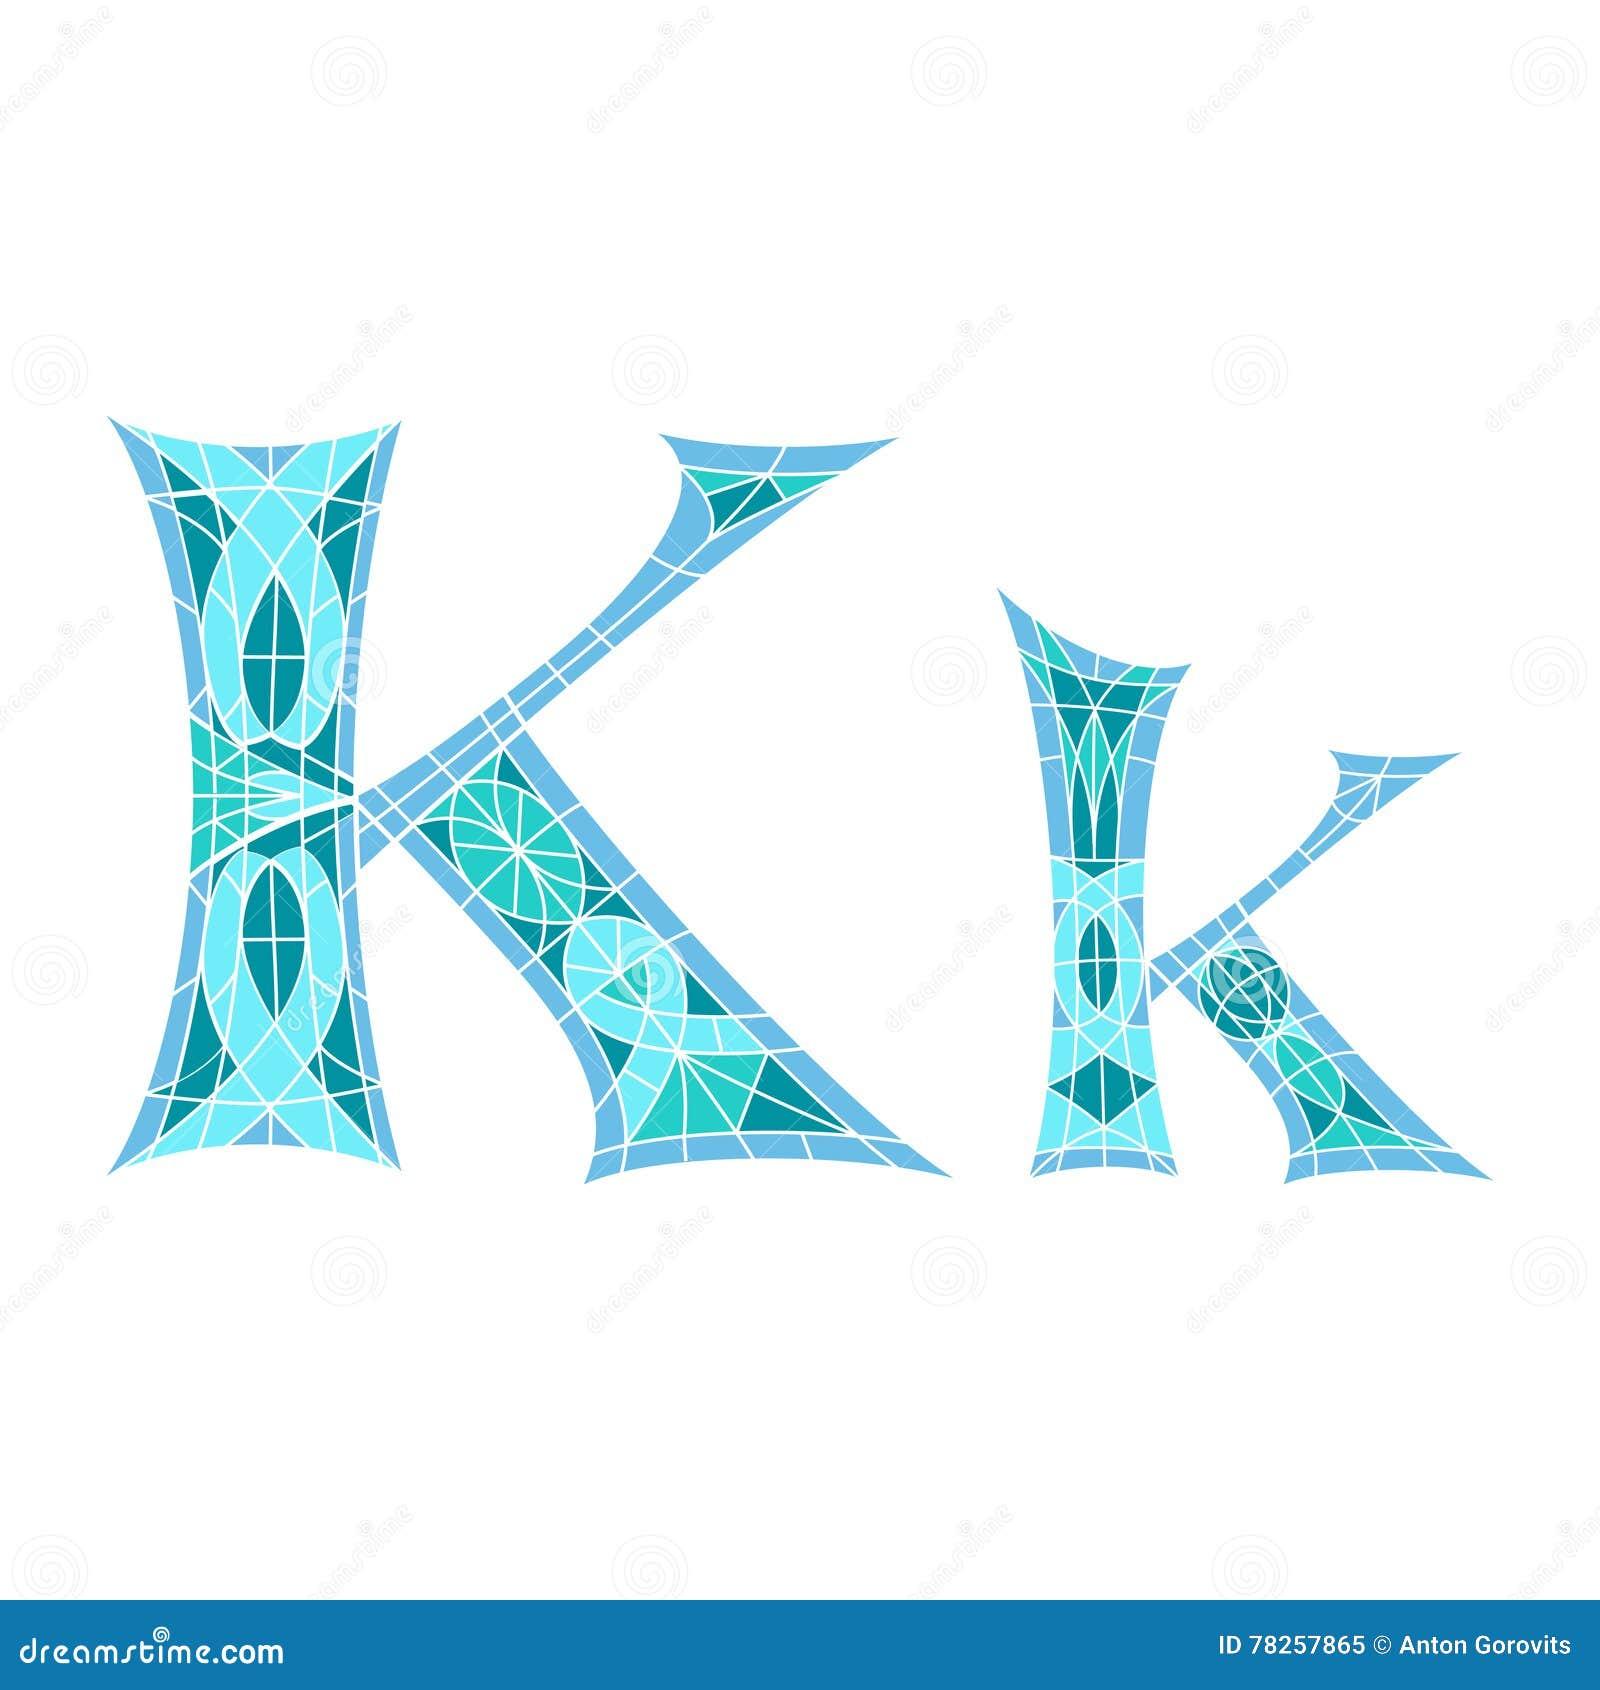 Χαμηλό πολυ γράμμα Κ στο μπλε πολύγωνο μωσαϊκών